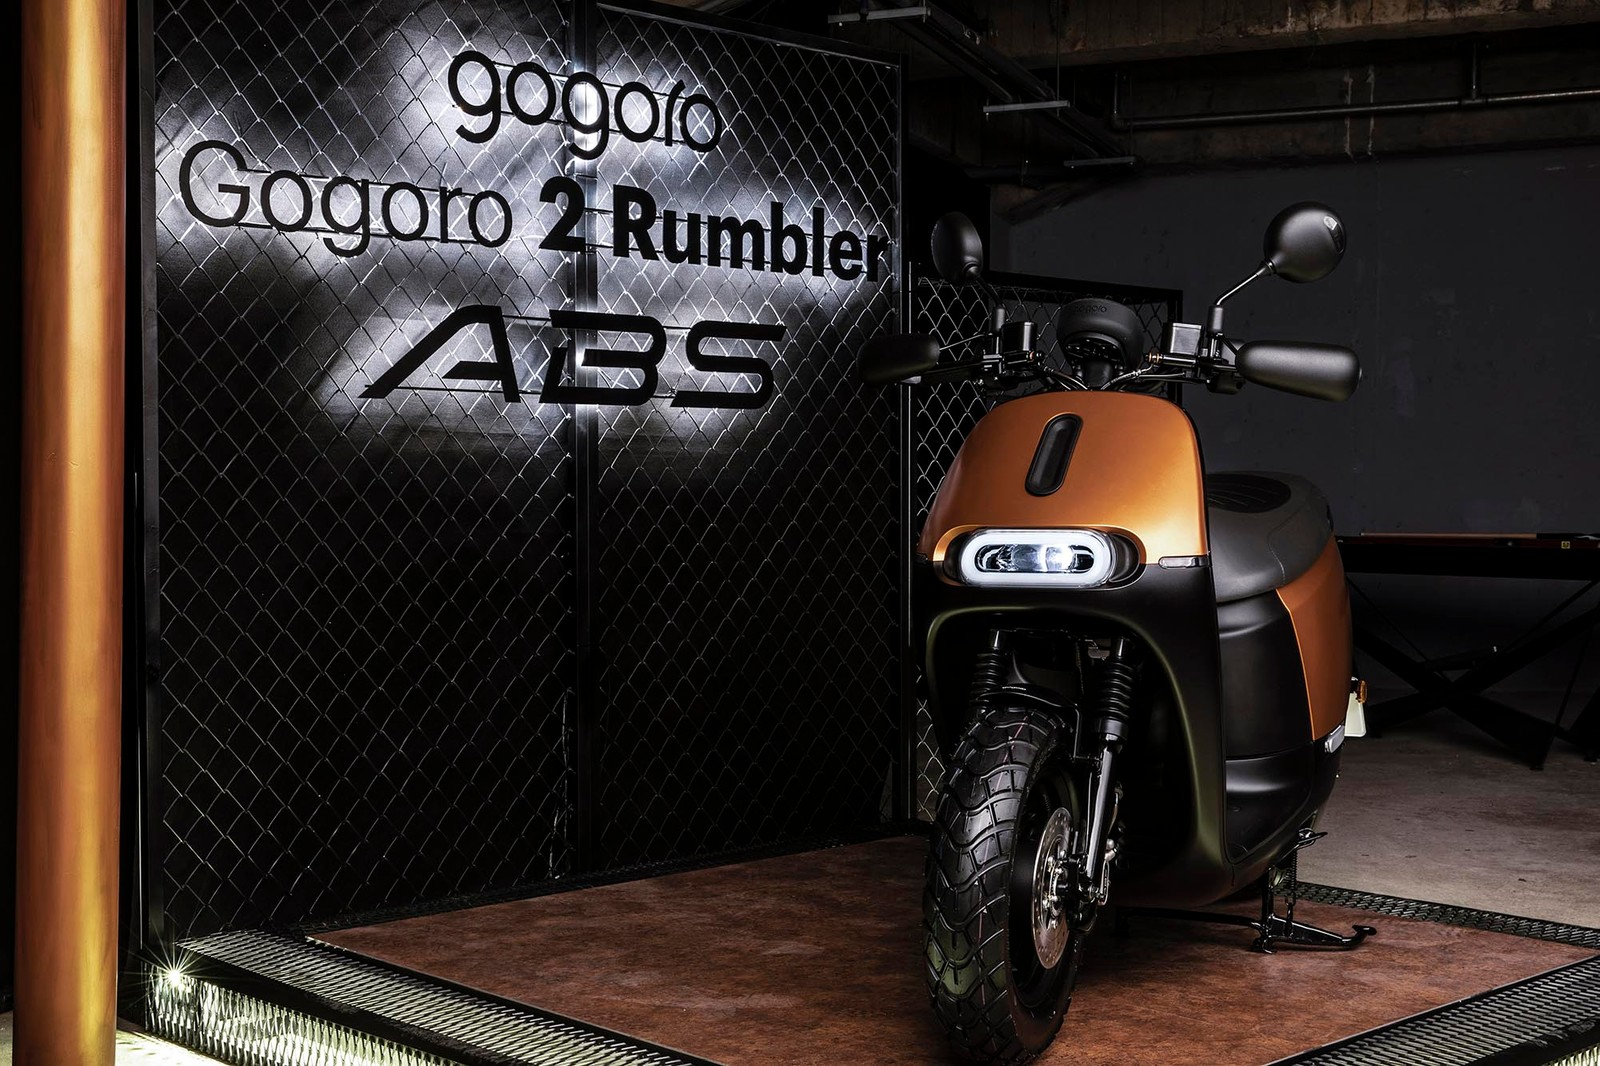 走進 Gogoro BAR Rumbler 美式狂野街頭風酒吧